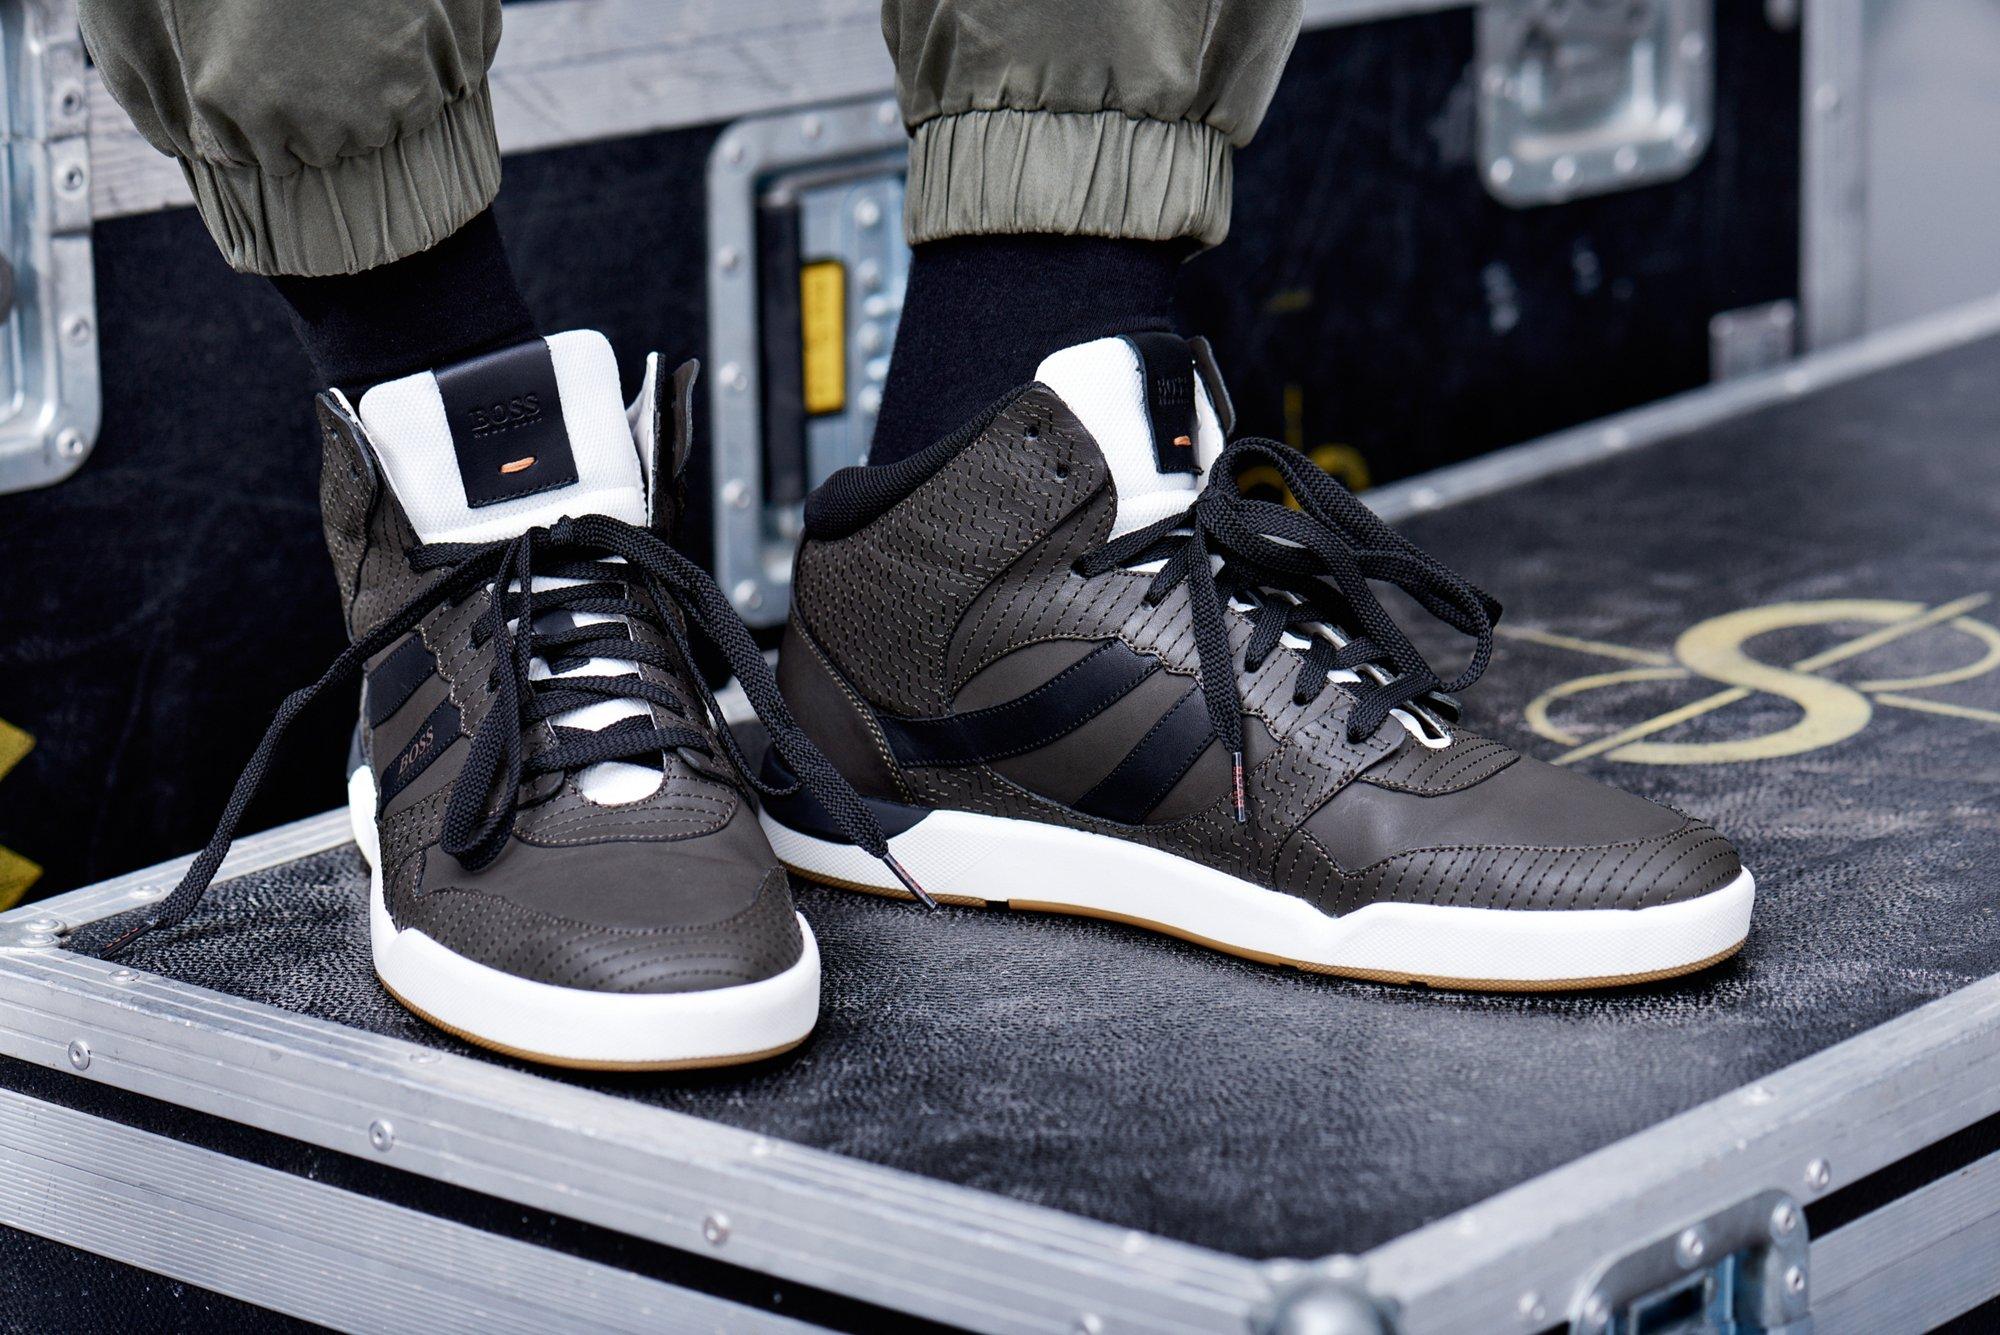 Sneakers by BOSS Orange